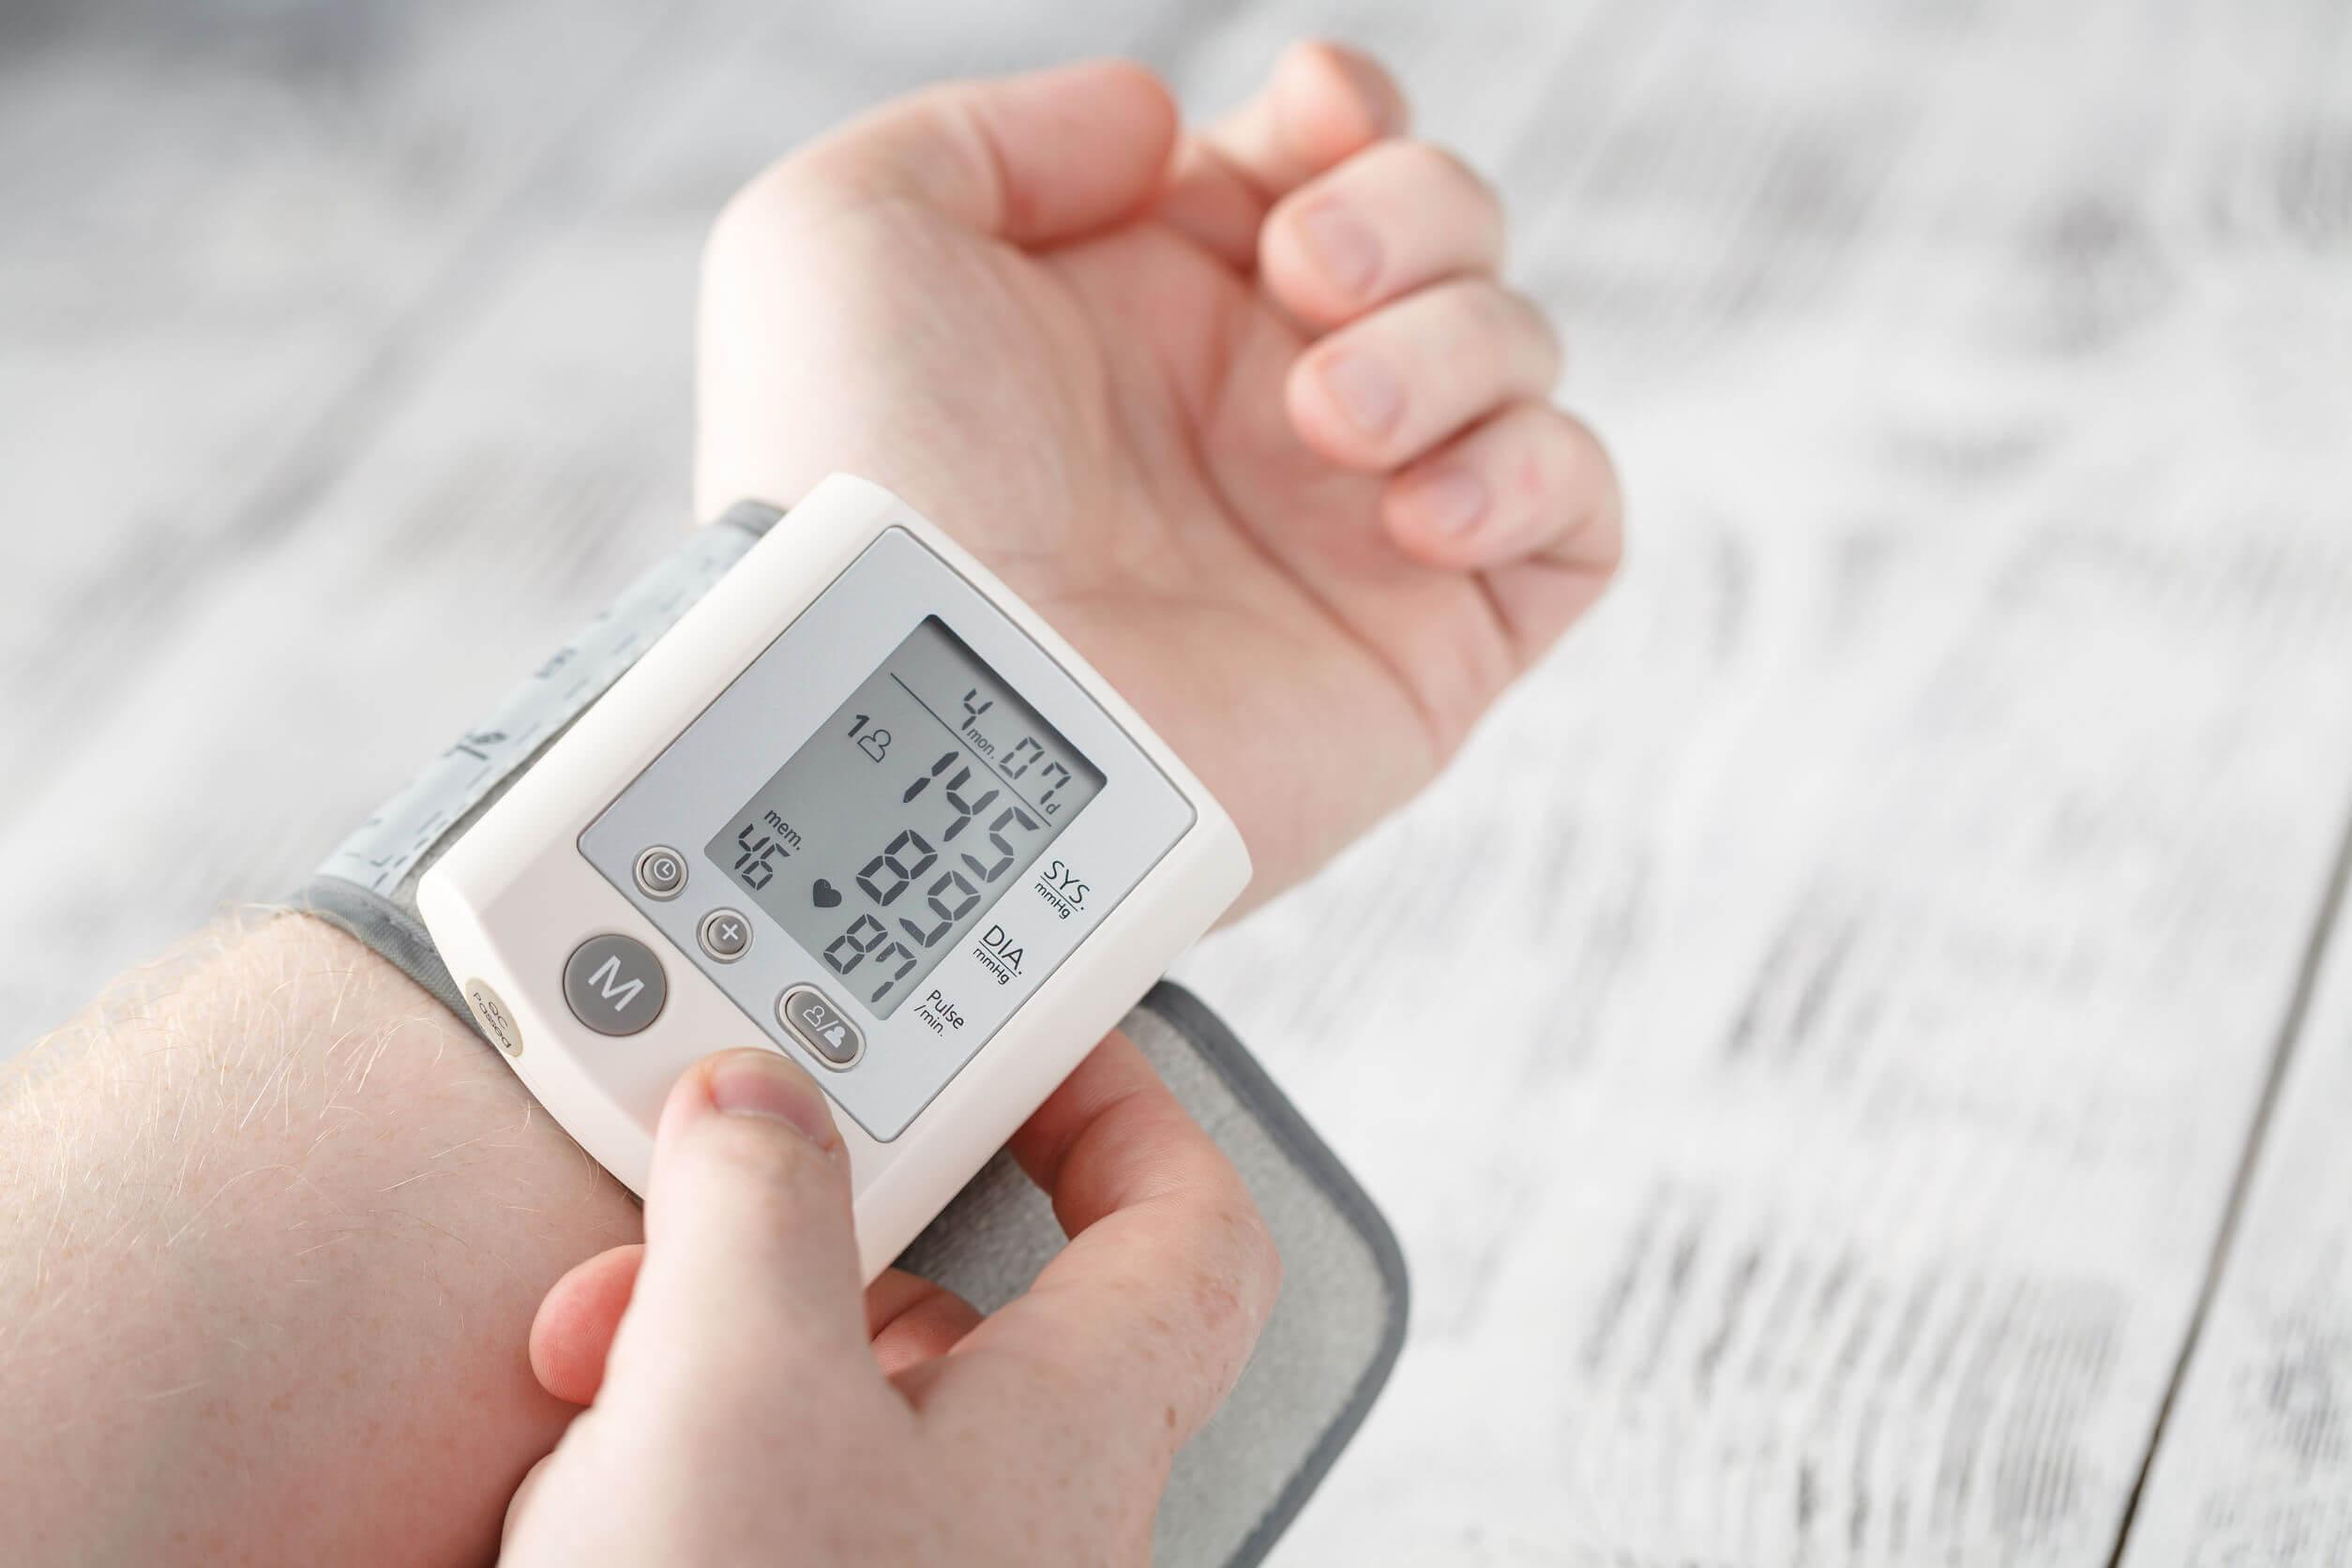 شخص يعاني من ارتفاع ضغط الدم.